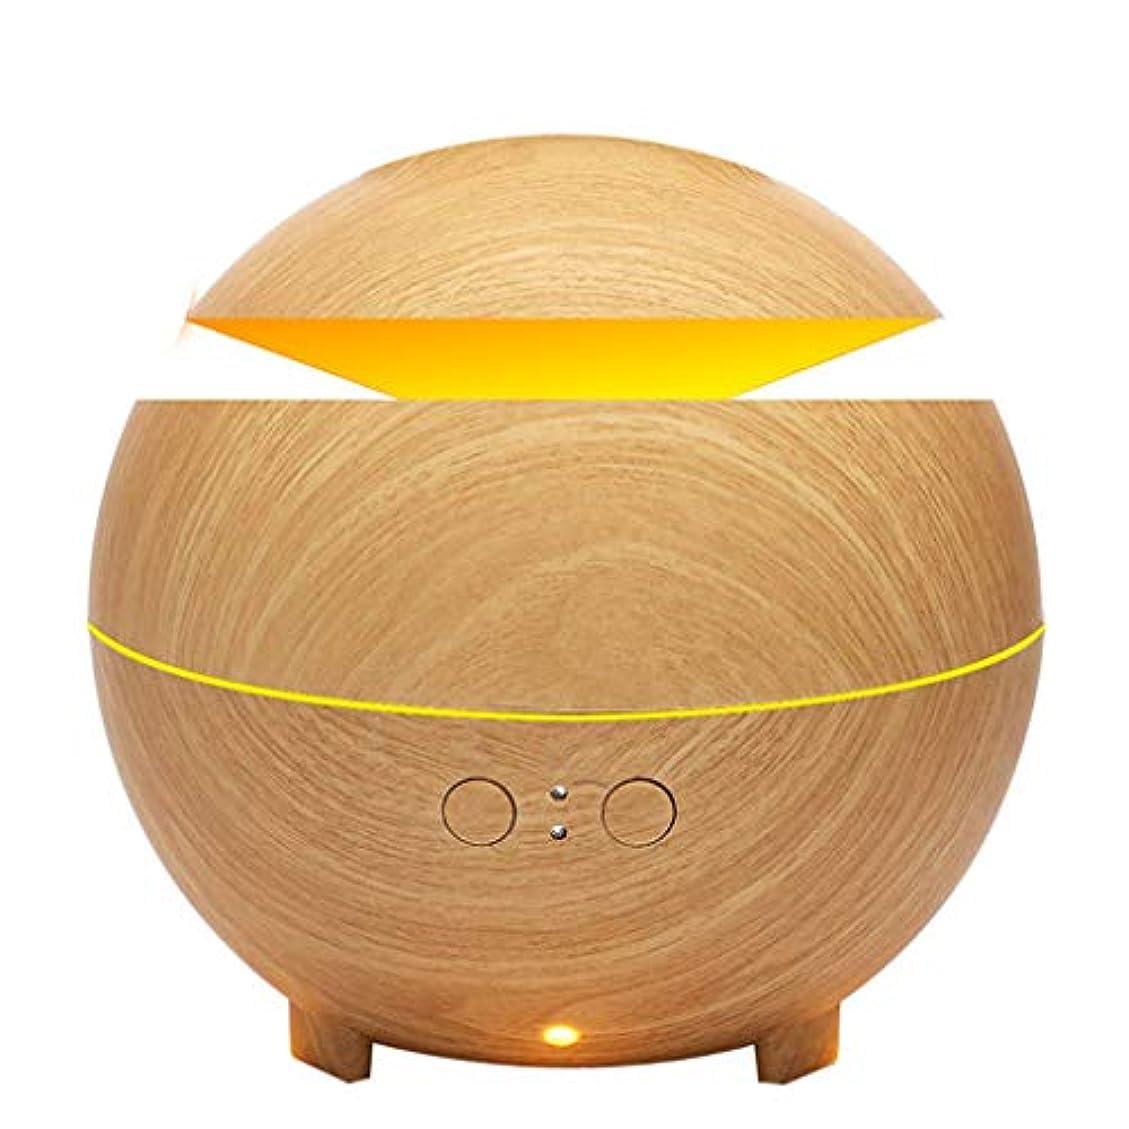 ラリーベルモント可決フルーティー加湿器、ウッドグレイン超音波加湿器アロマテラピーマシン、usbサイレント寝室香ランププラグイン電気香、ライトウッドグレイン (色 : B)